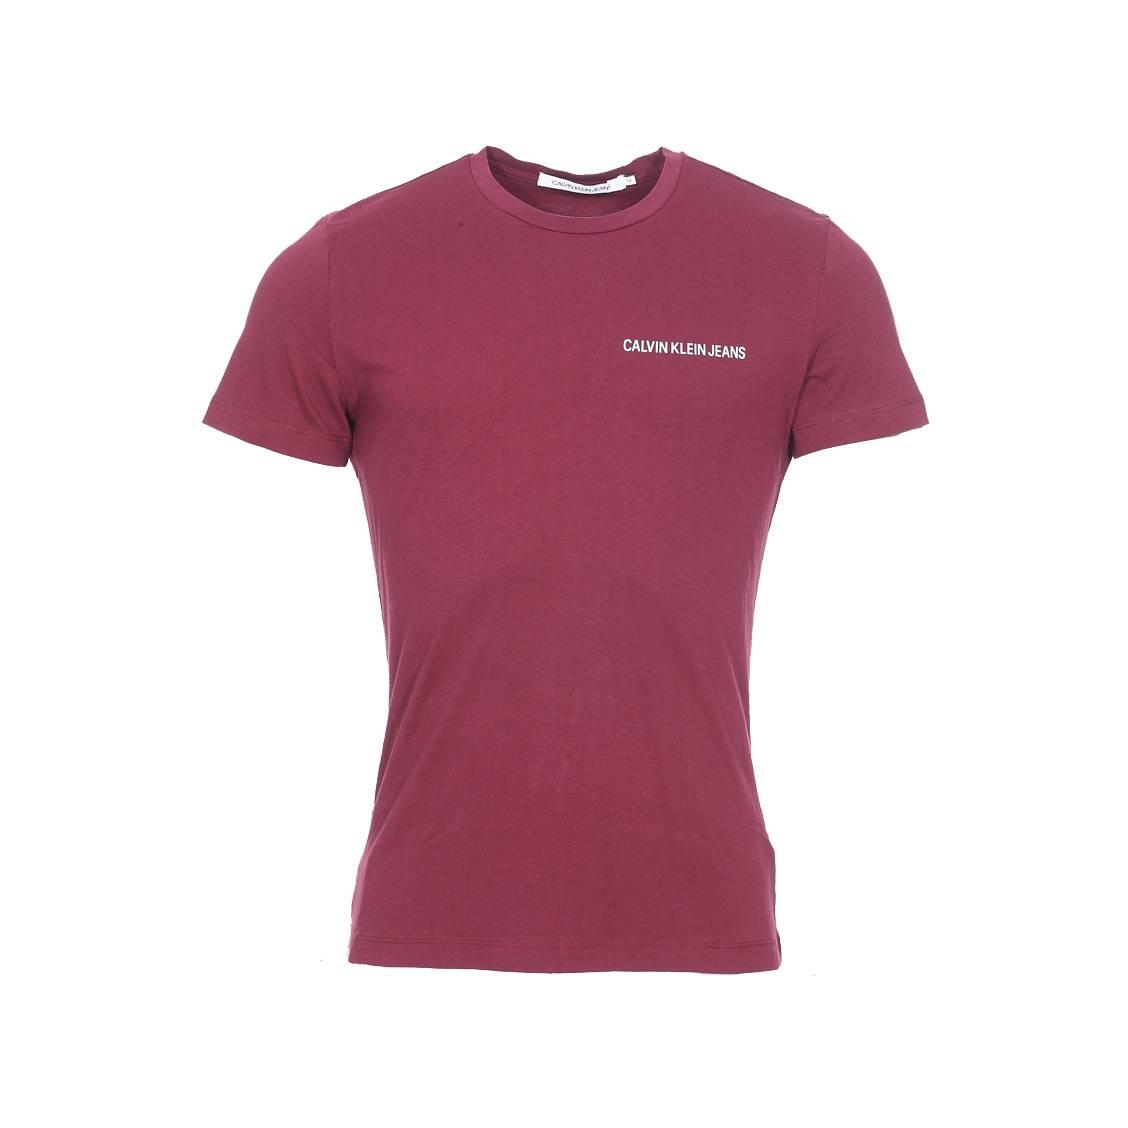 Tee-shirt slim col rond  chest institutional en coton bordeaux floqué en blanc